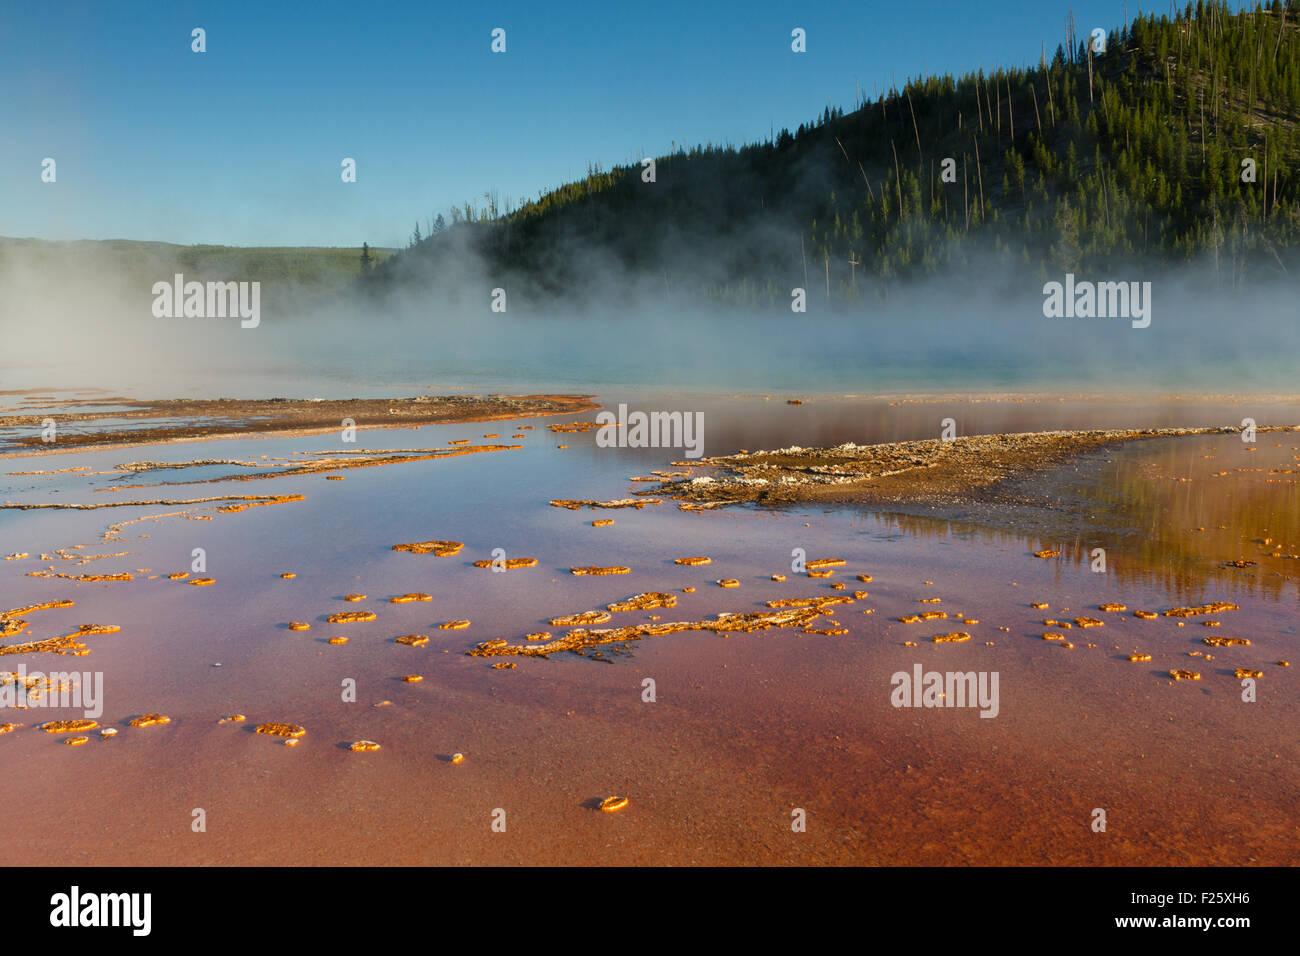 Grand Prisamtic Primavera, el Parque Nacional Yellowstone, Wyoming, EE.UU. Foto de stock